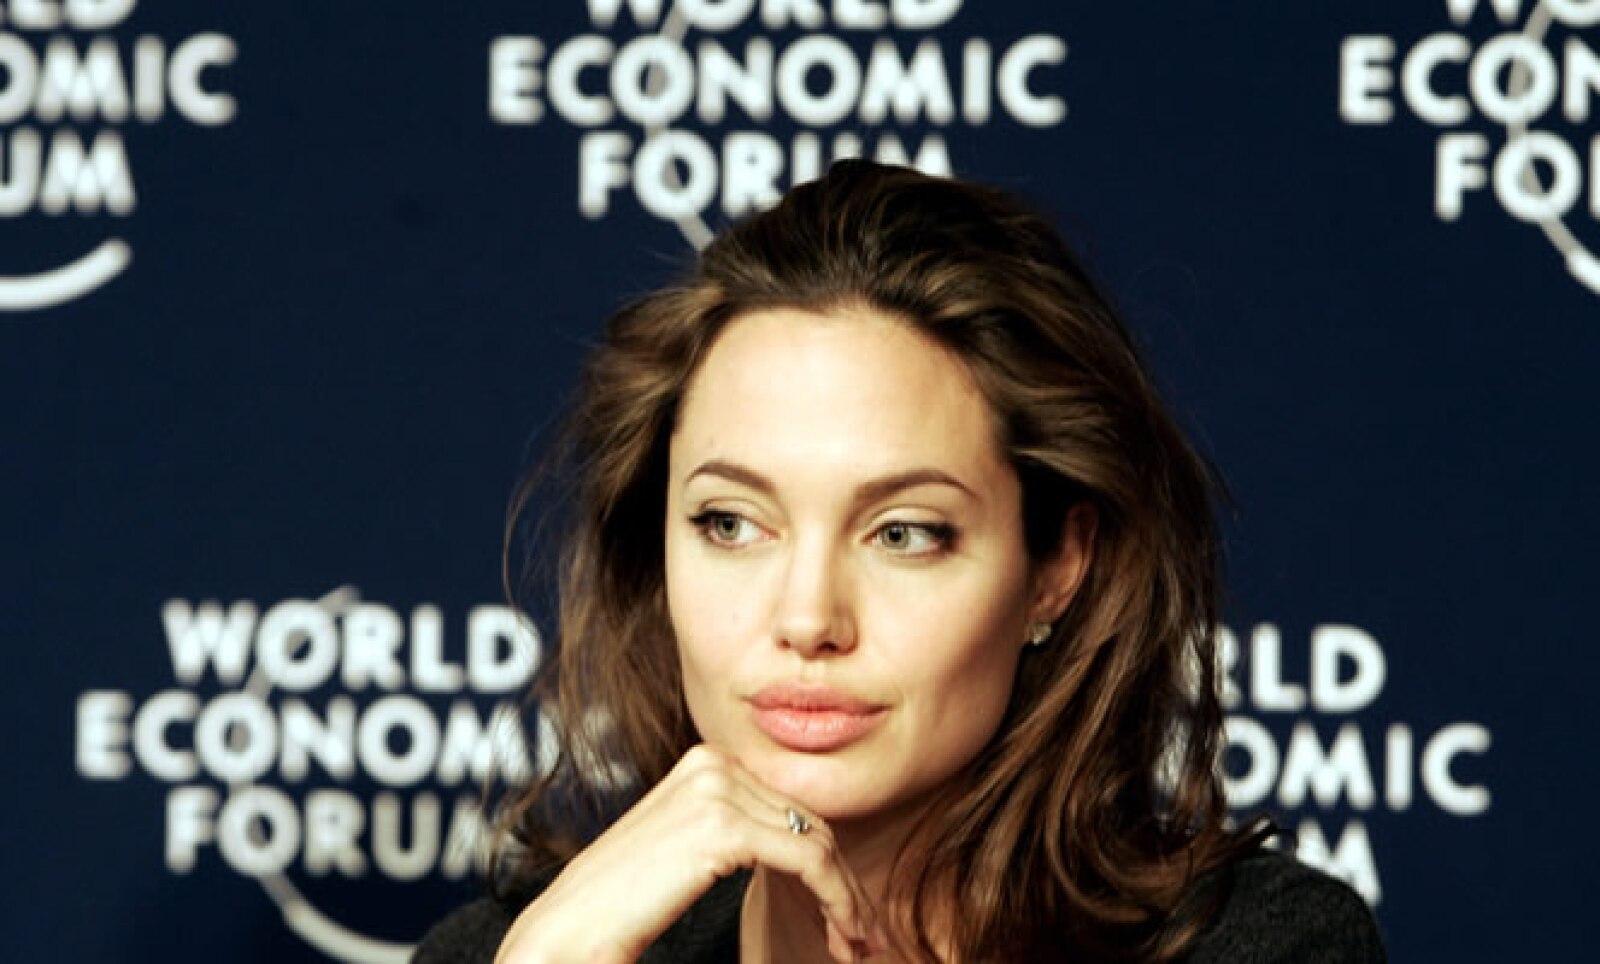 En 2005 la actriz estadounidense participó en el Foro Económico Mundial de Davos, Suiza.